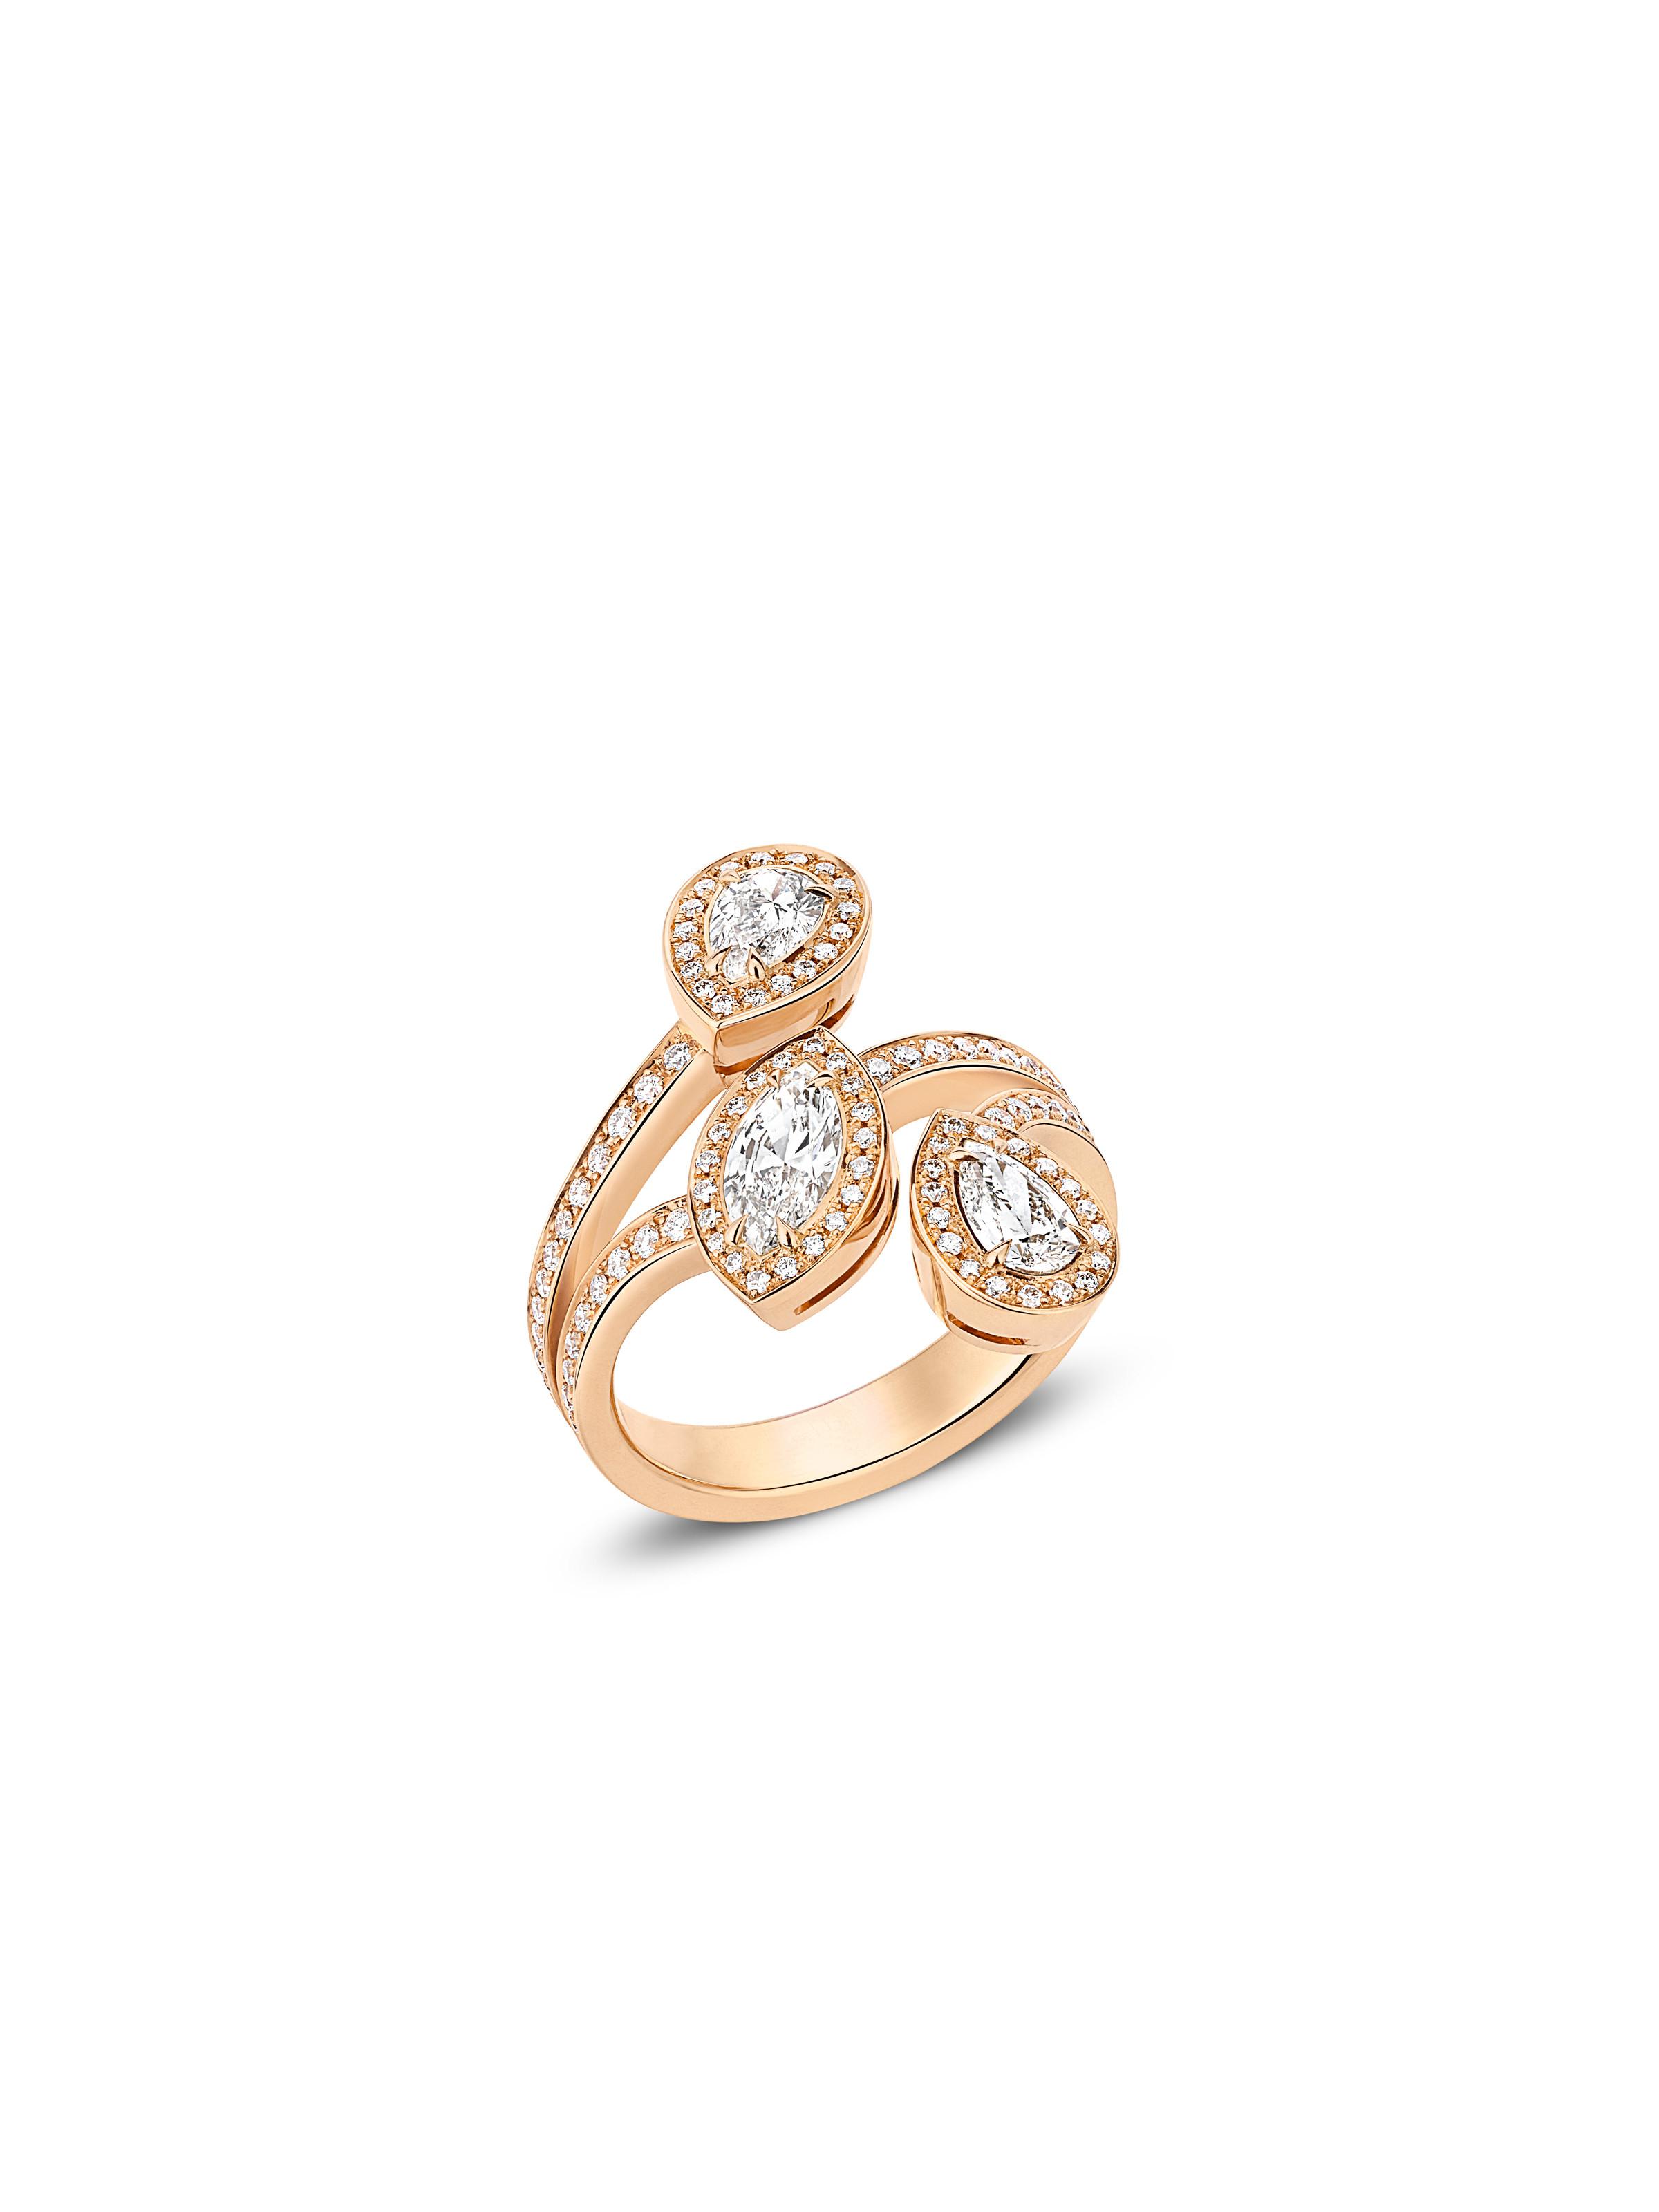 Spotlight ring